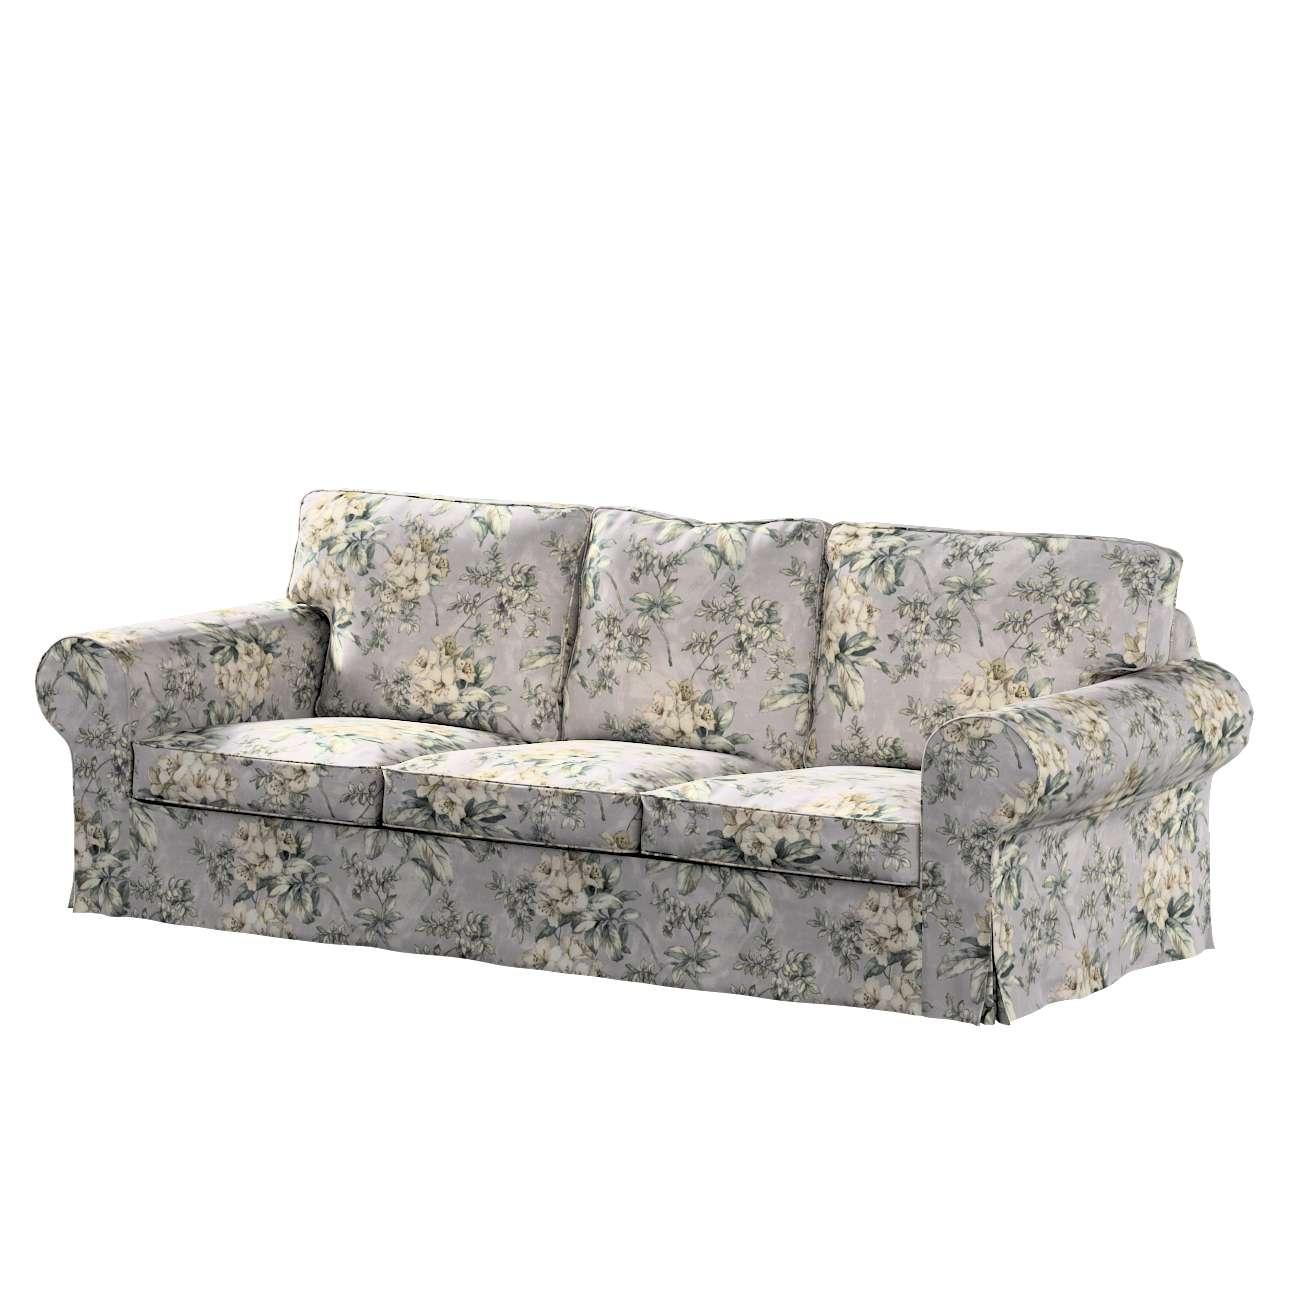 Pokrowiec na sofę Ektorp 3-osobową, rozkładaną, PIXBO w kolekcji Londres, tkanina: 143-36